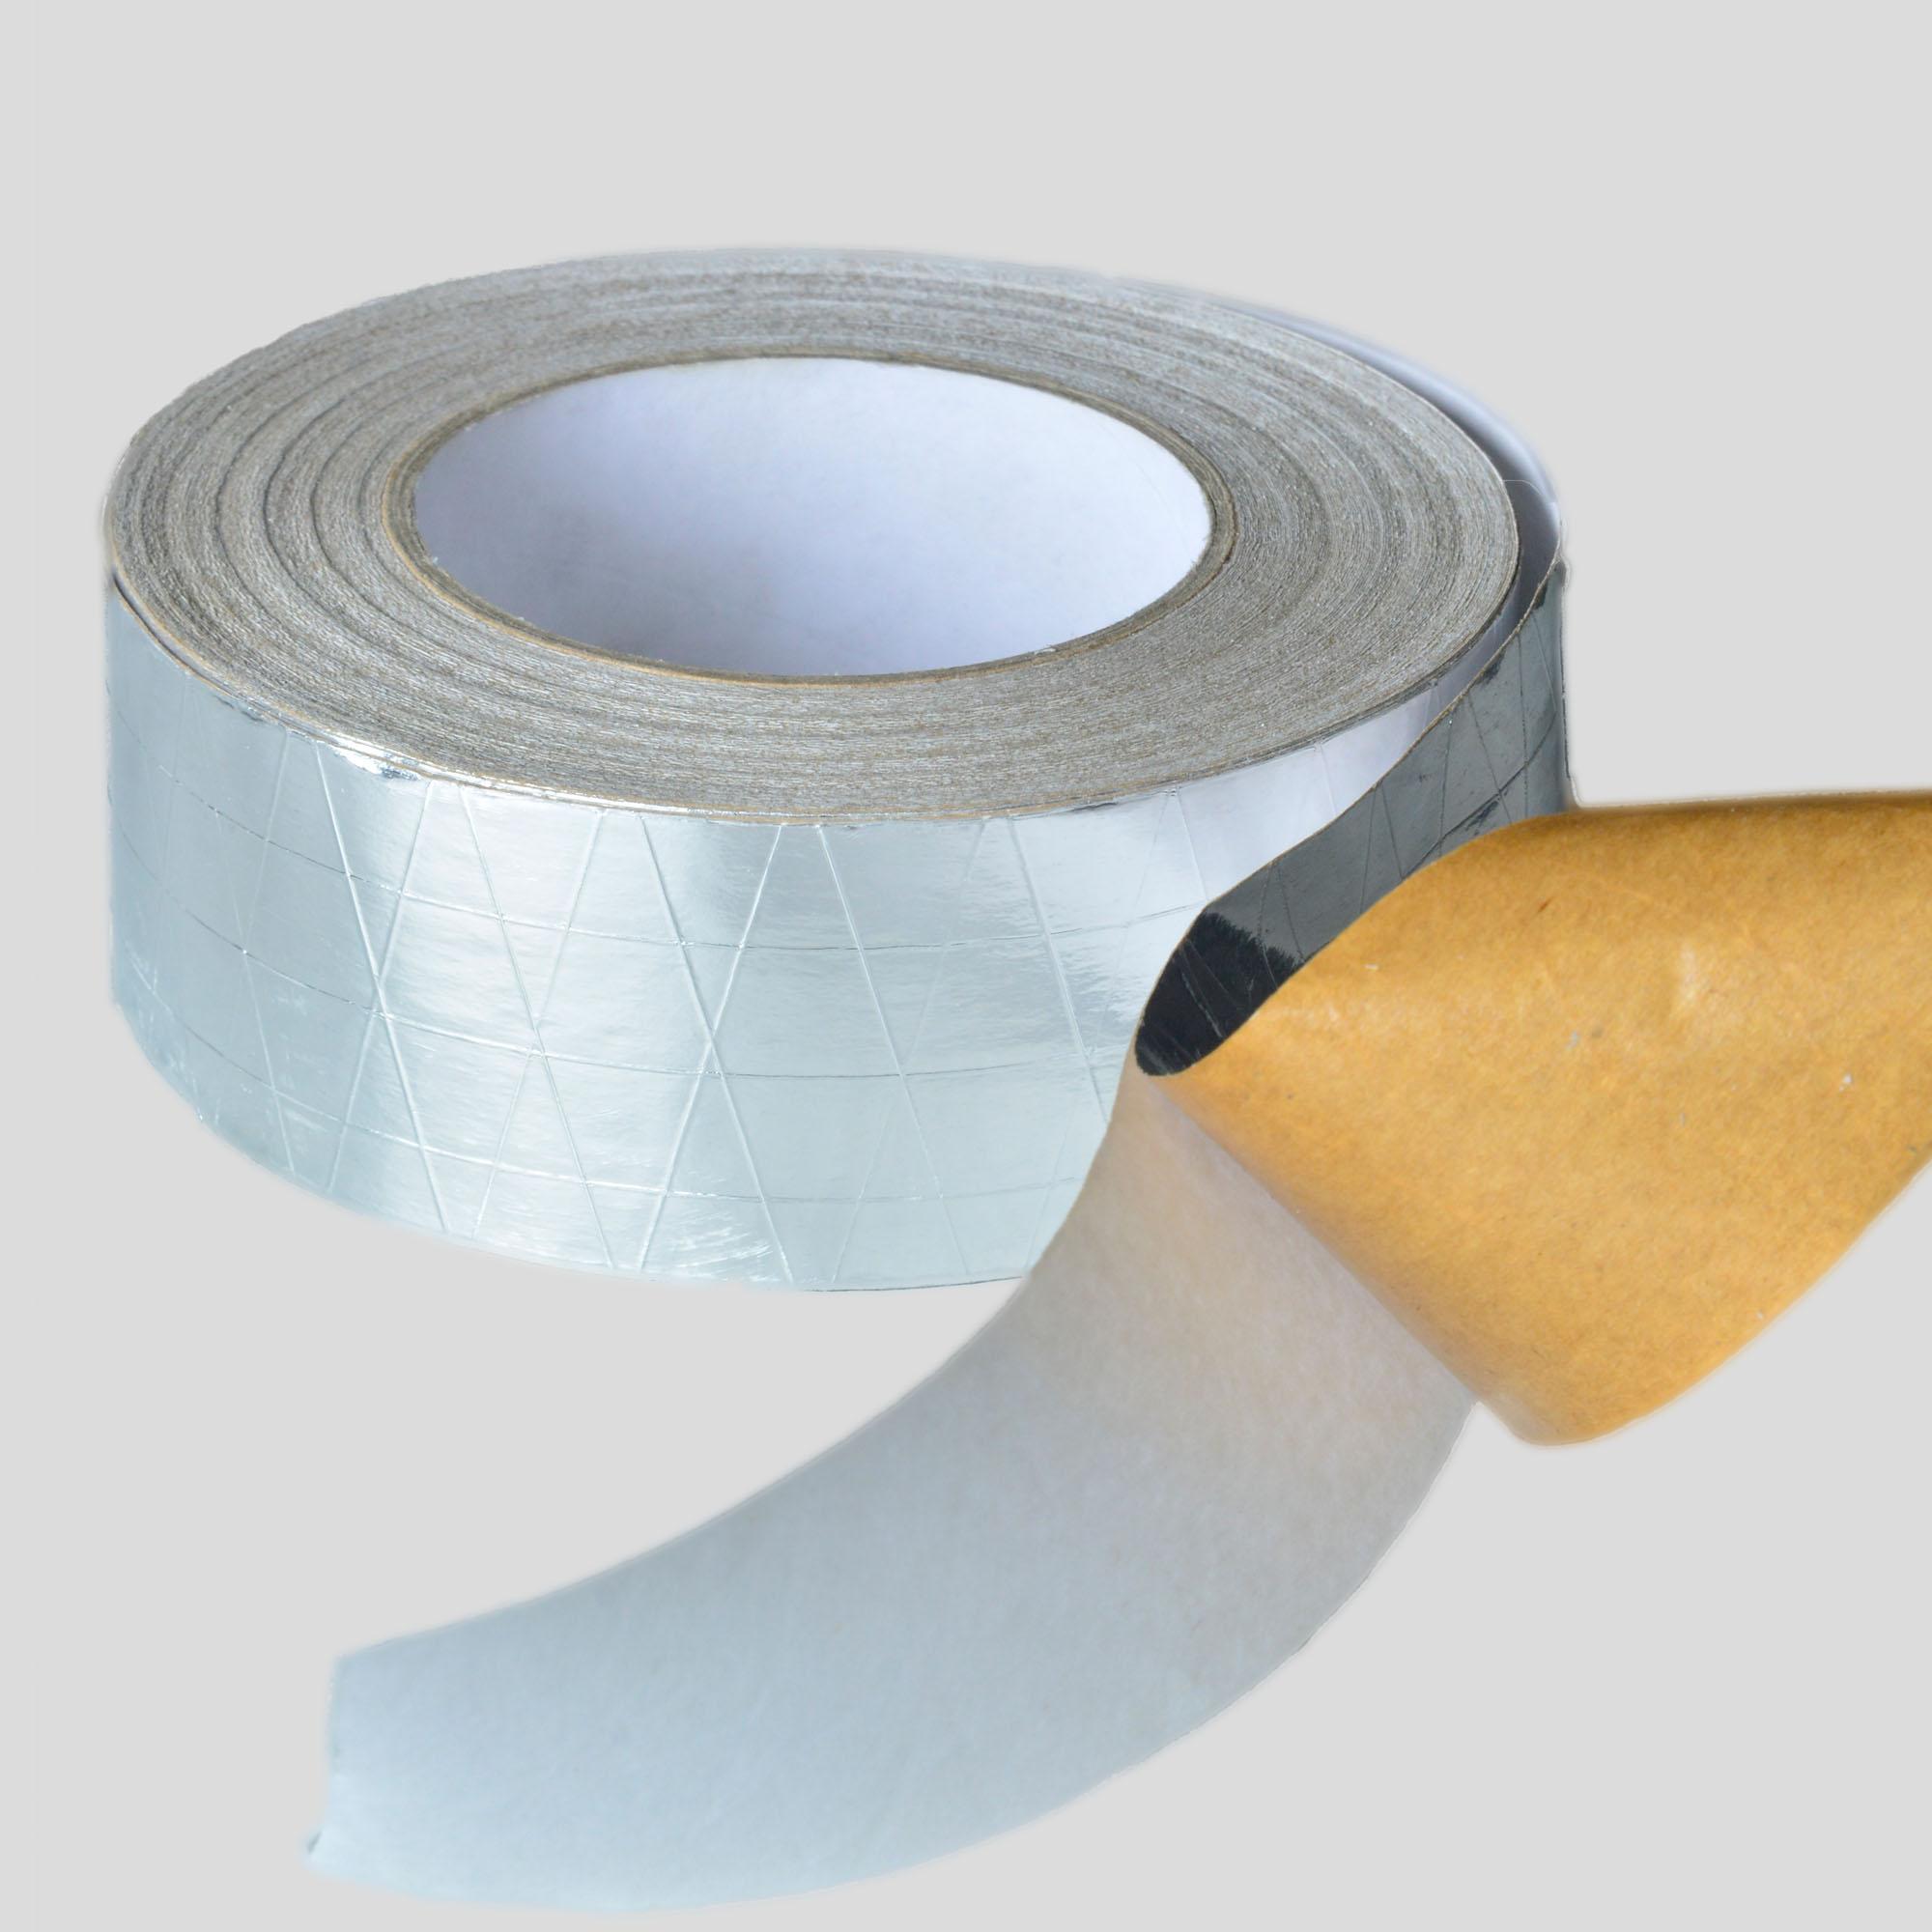 Alüminyum yapışkan bant: özellikleri, çeşitleri, özellikleri